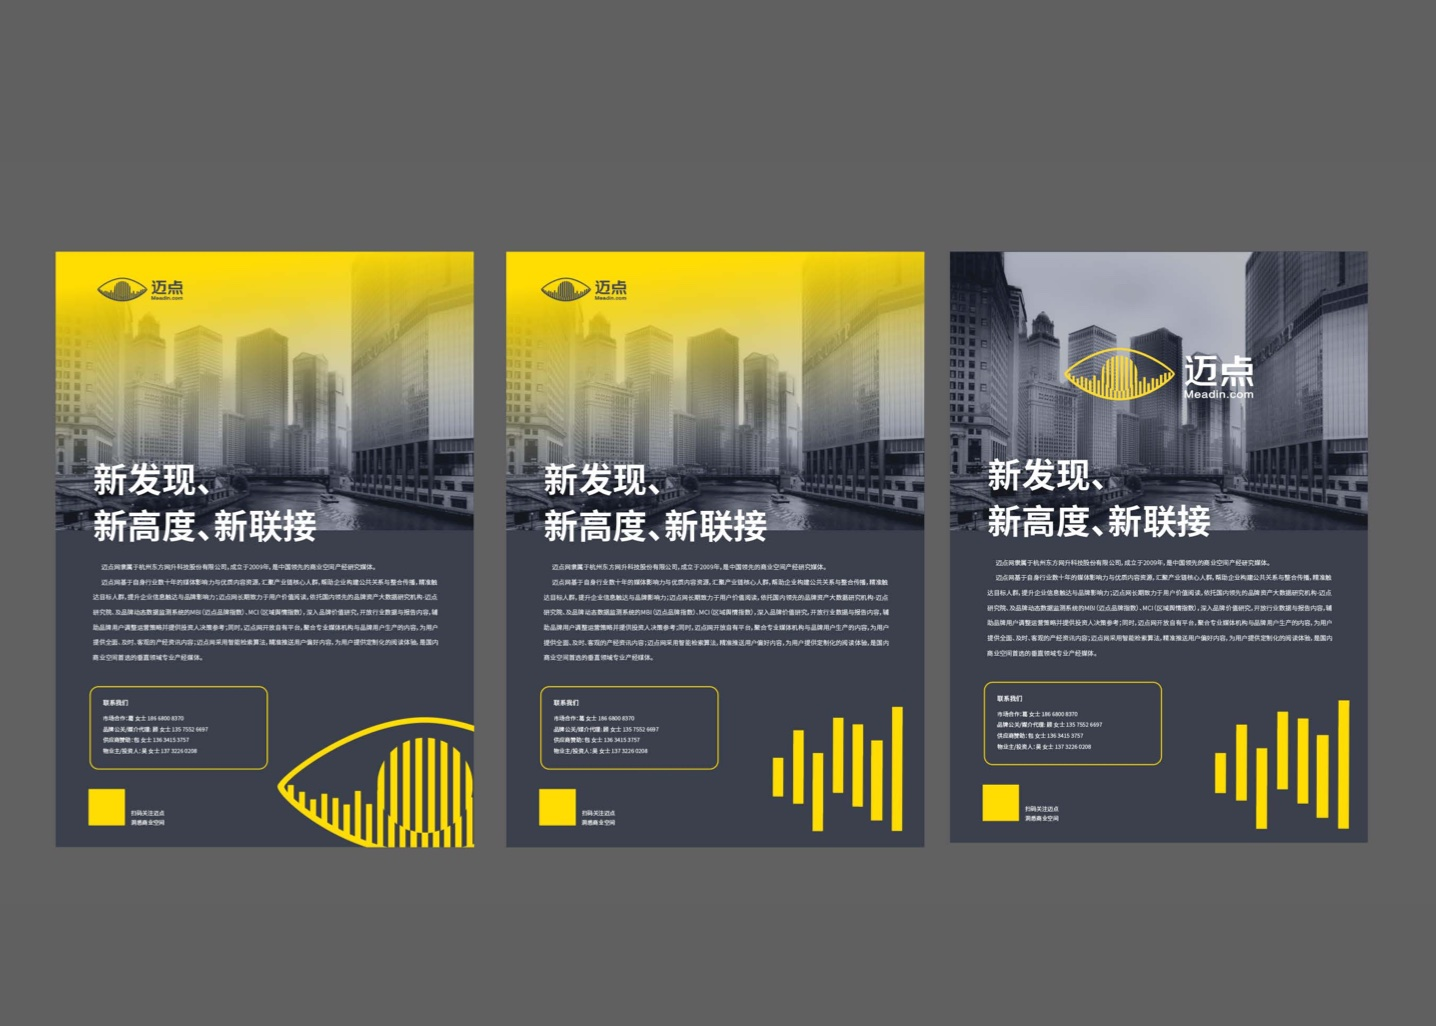 迈点网品牌形象升级-互联网品牌设计-杭州达岸品牌策划设计公司